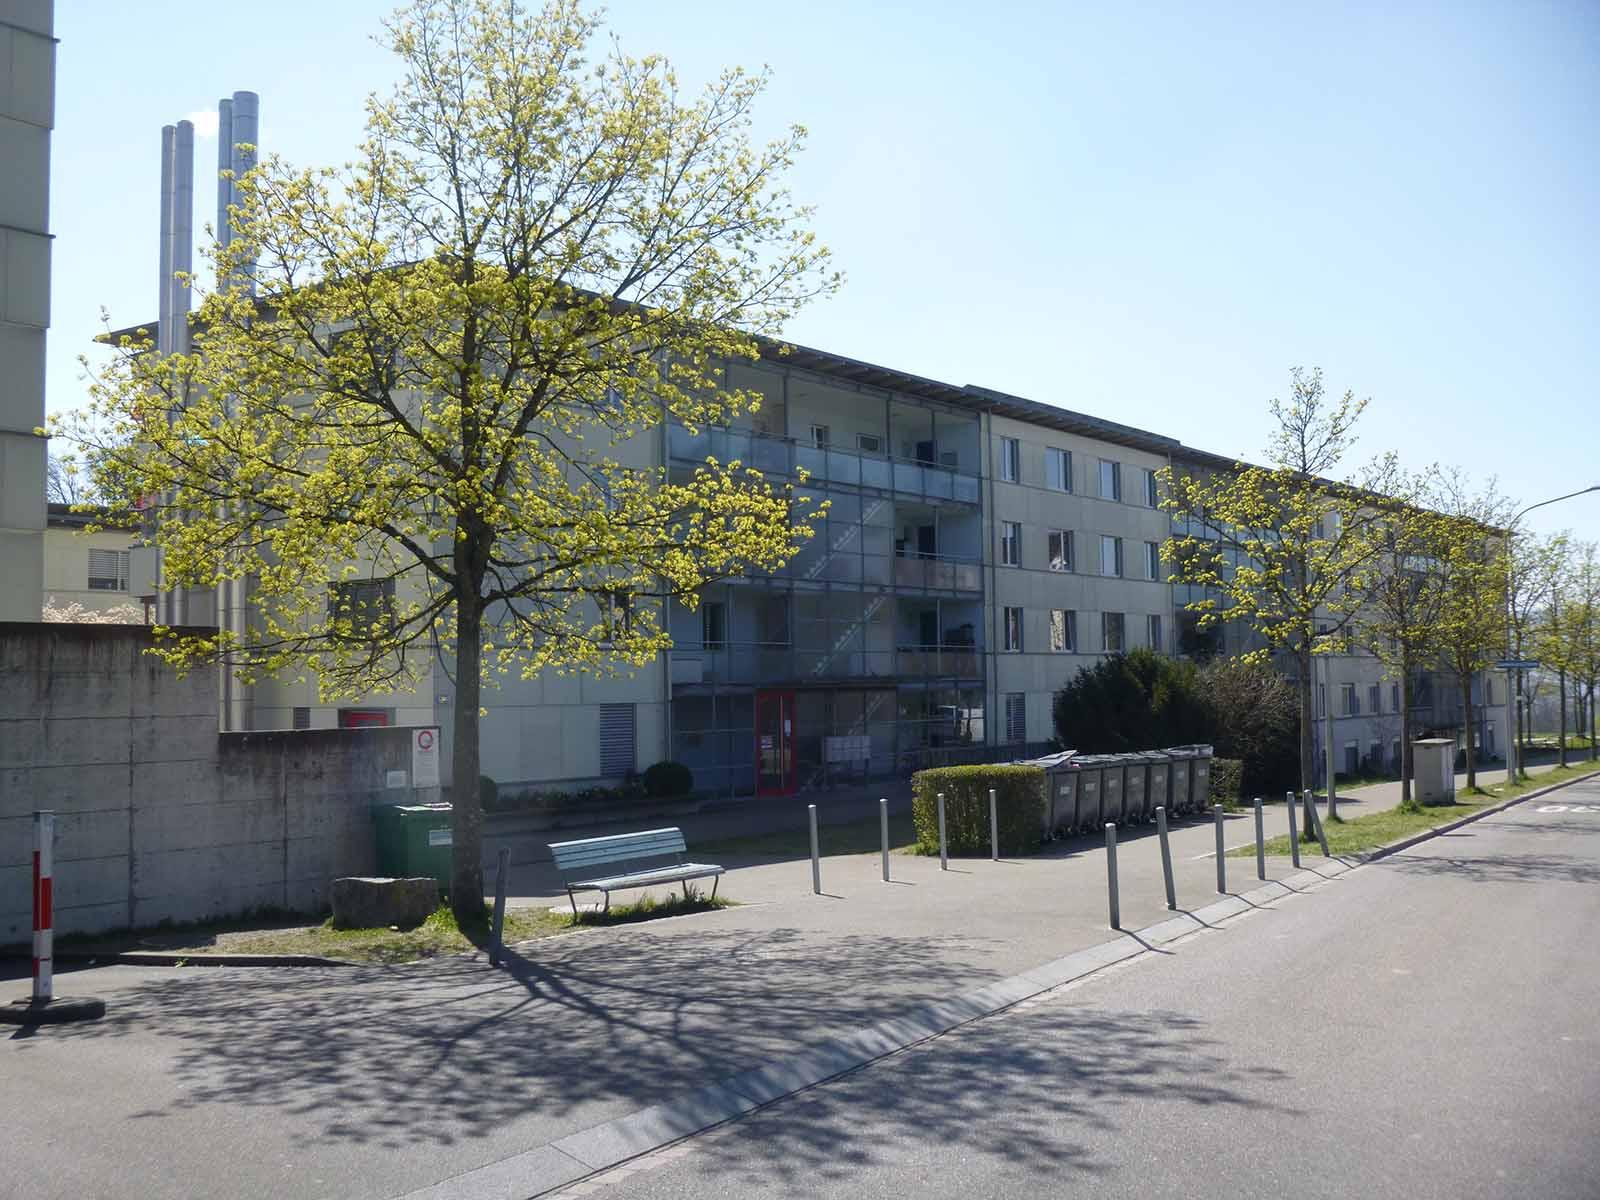 In diesem Haus in Rütihof ereignete sich vor zehn Jahren ein schrecklicher Mord.